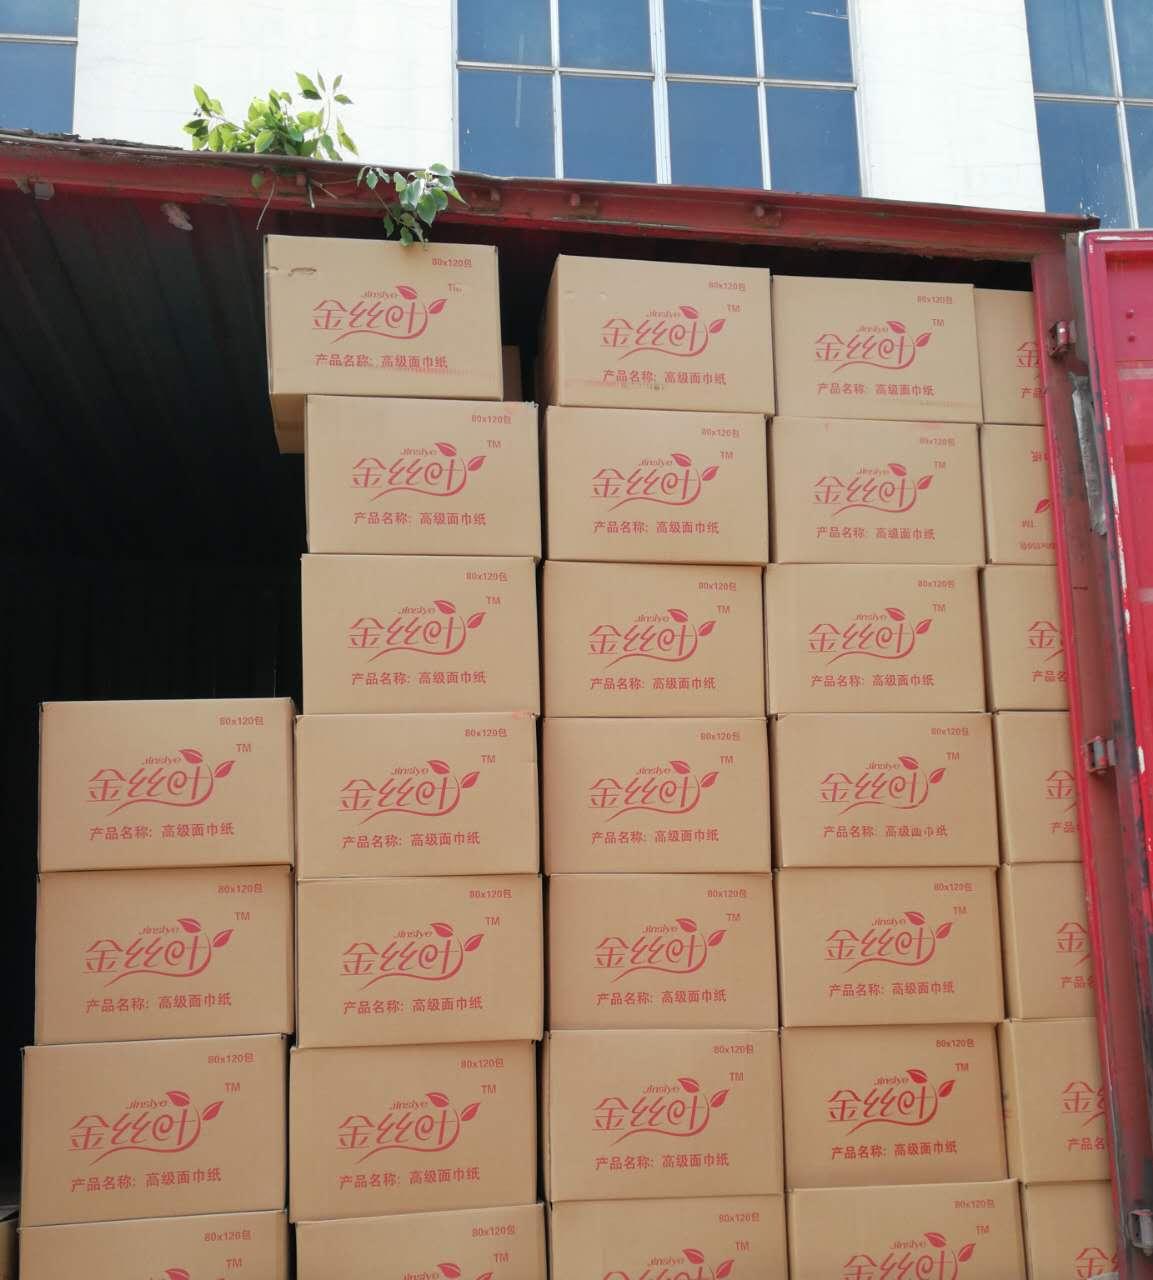 【江阴创业名企】至品生活金丝叶纸业  创新江阴板块品牌